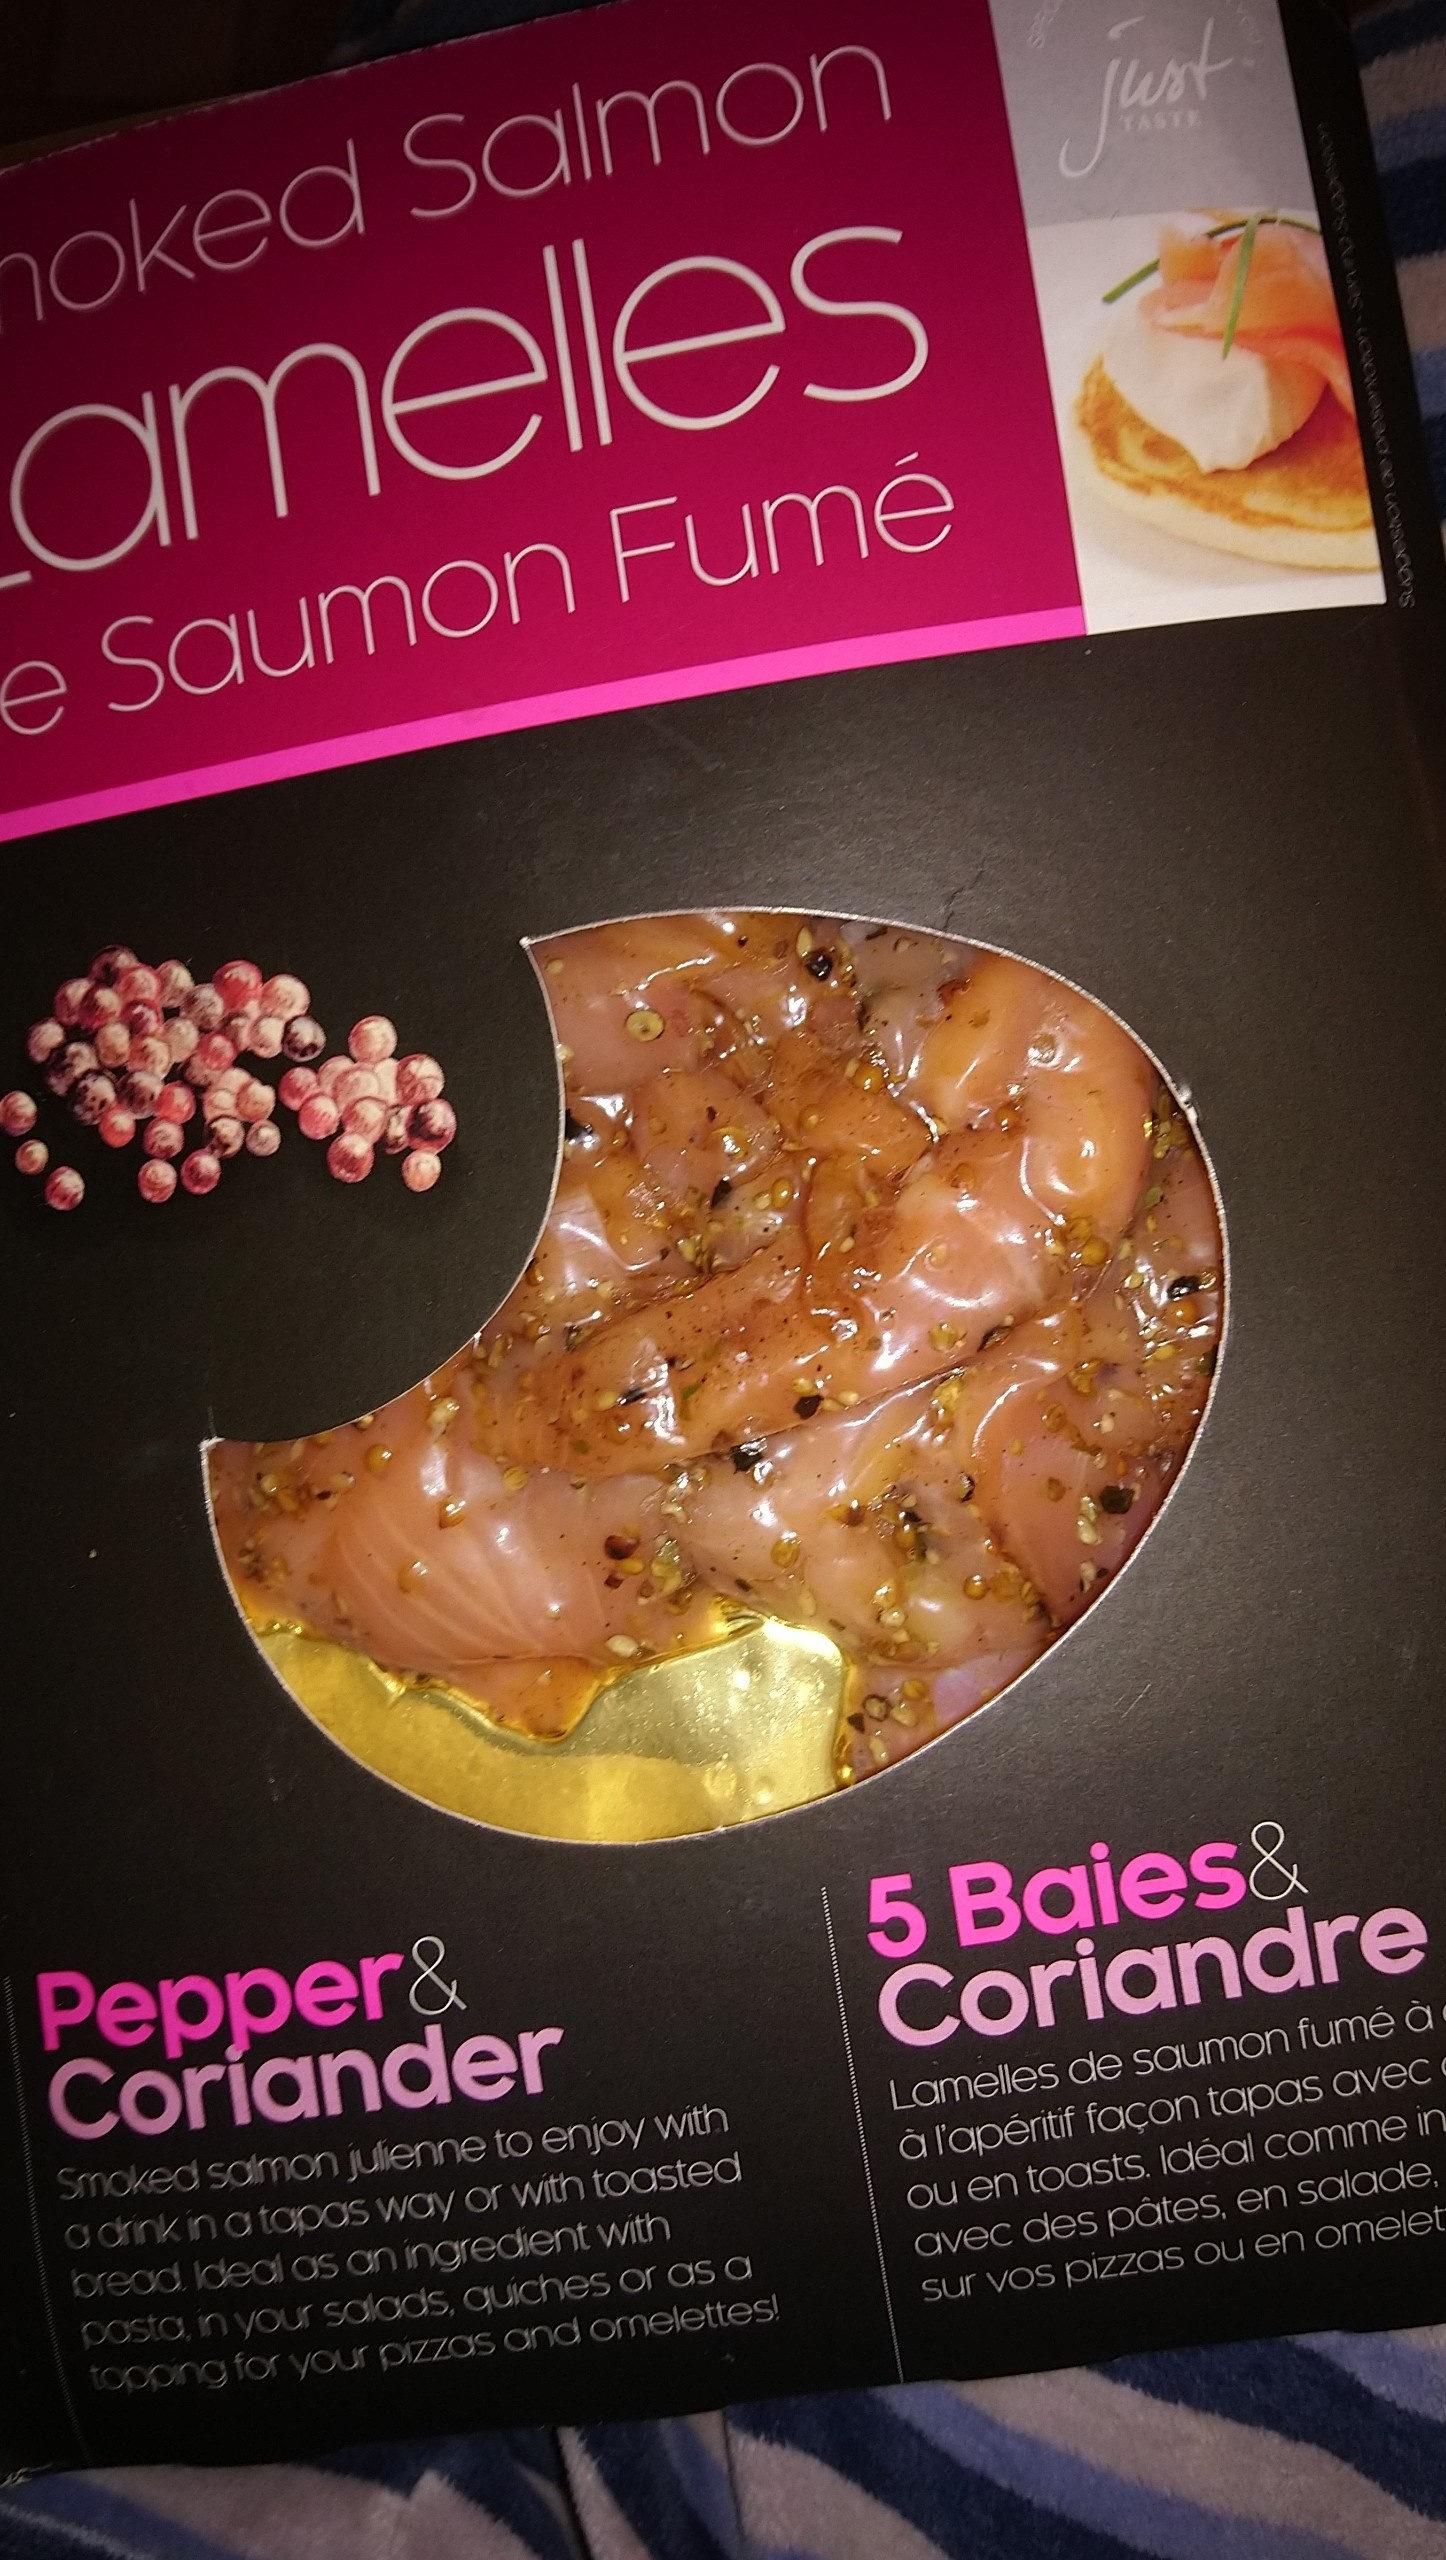 Lamelles de Saumon Fumé 5 baies & Coriandre - Produit - fr